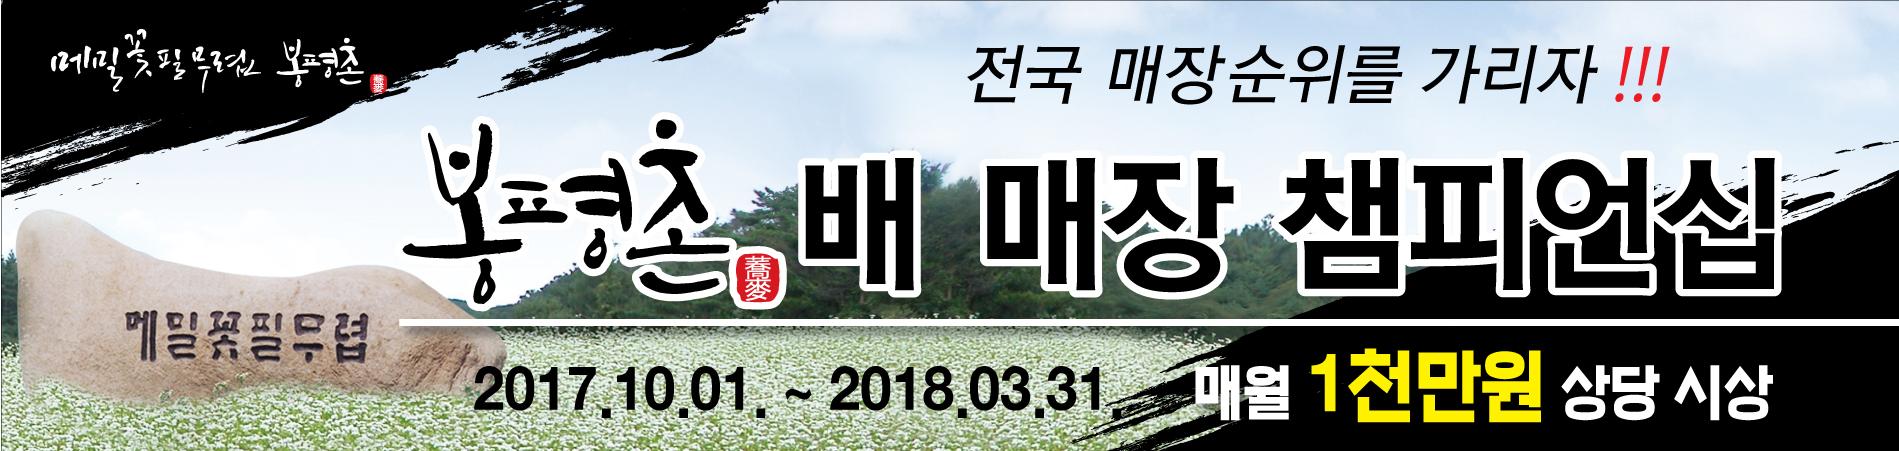 봉평촌배 매장최강전